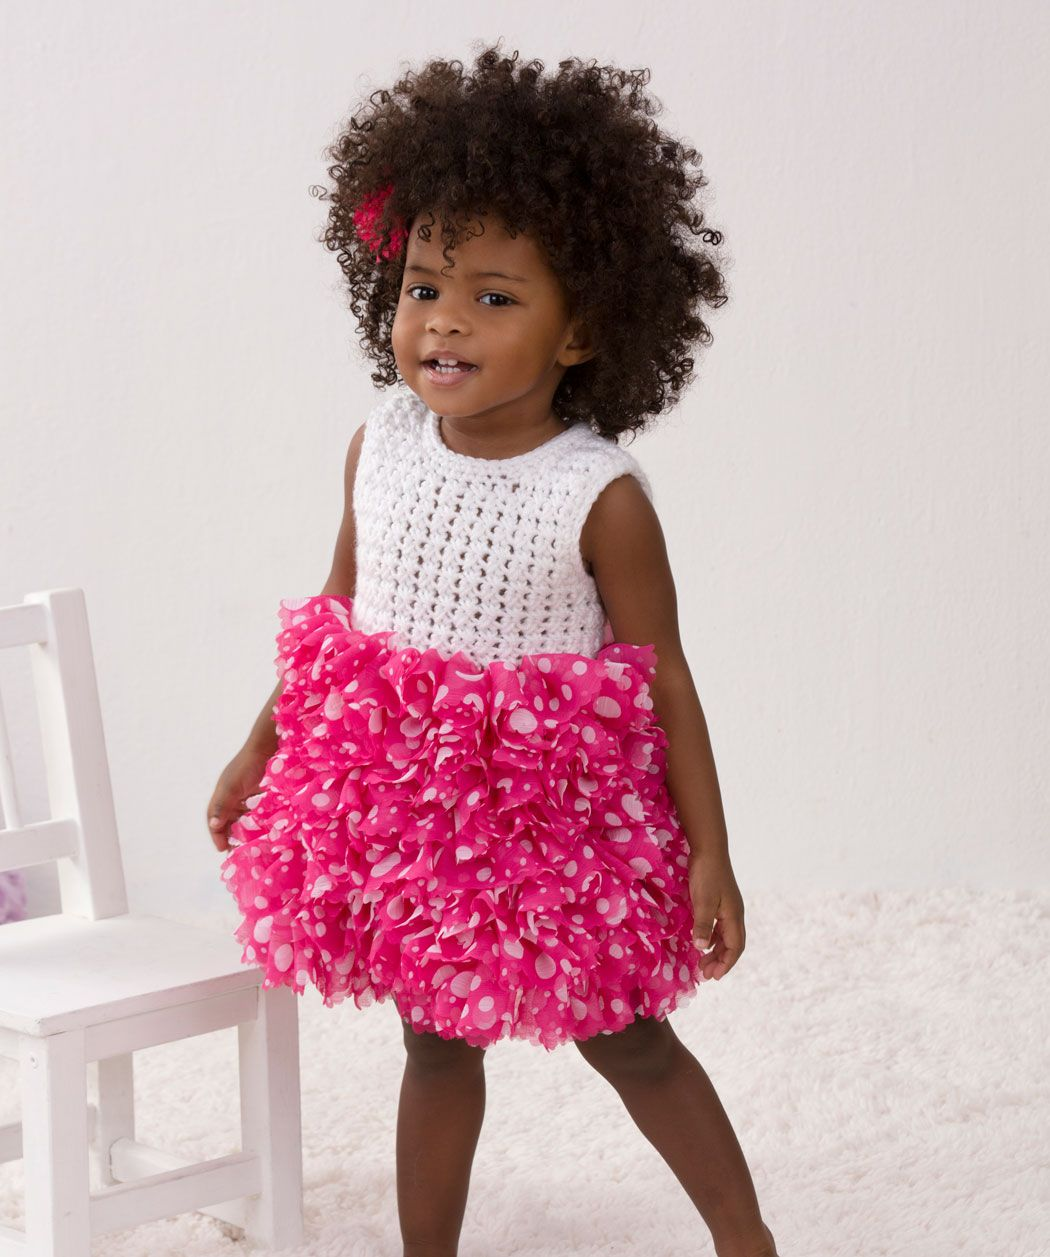 Babys 1. Party-Kleid - gratis Pdf Häkelanleitung und Vorlagen